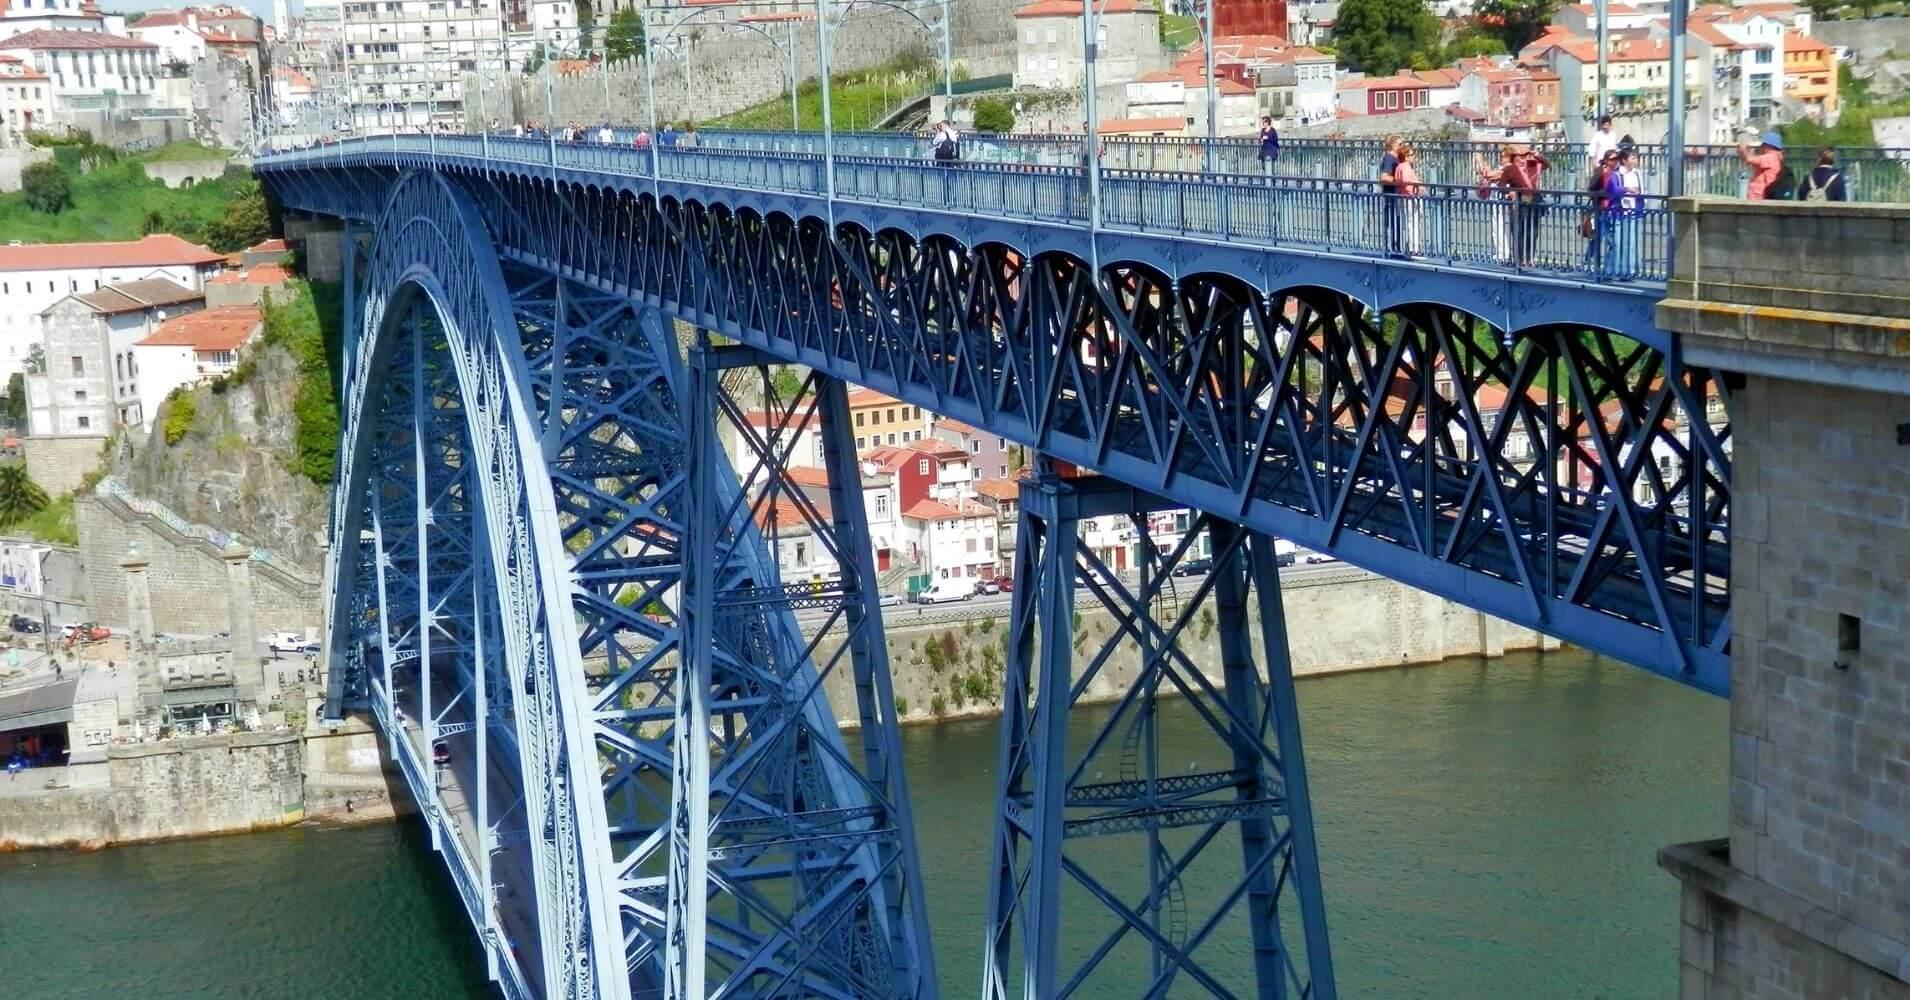 Puente de Luis I. Porto Escenario de Saudade. Portugal.